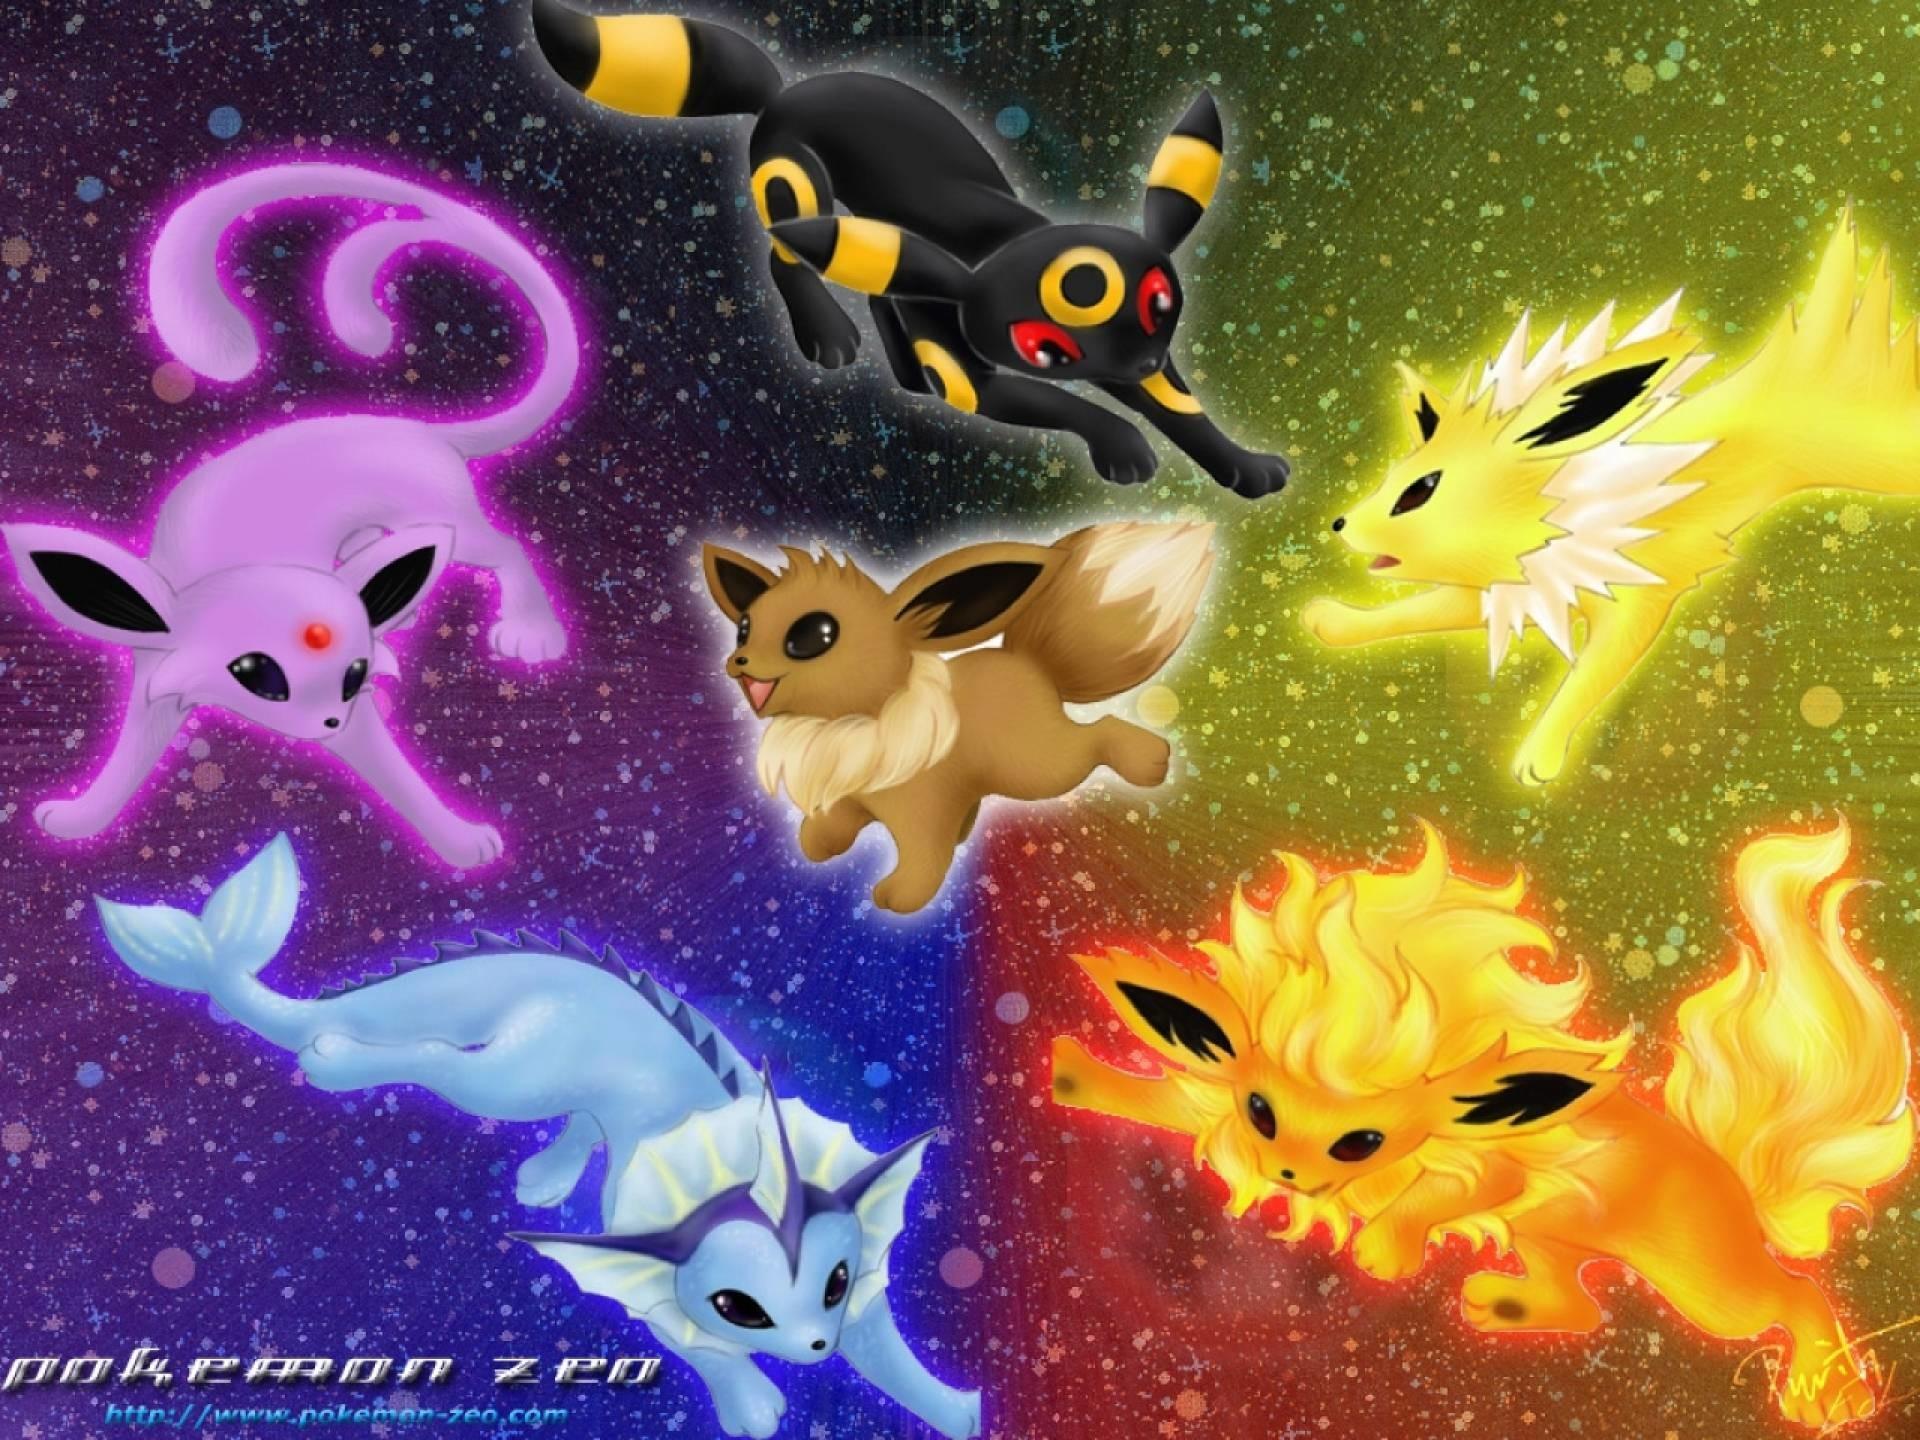 Images For > Legendary Pokemon Wallpaper Hd